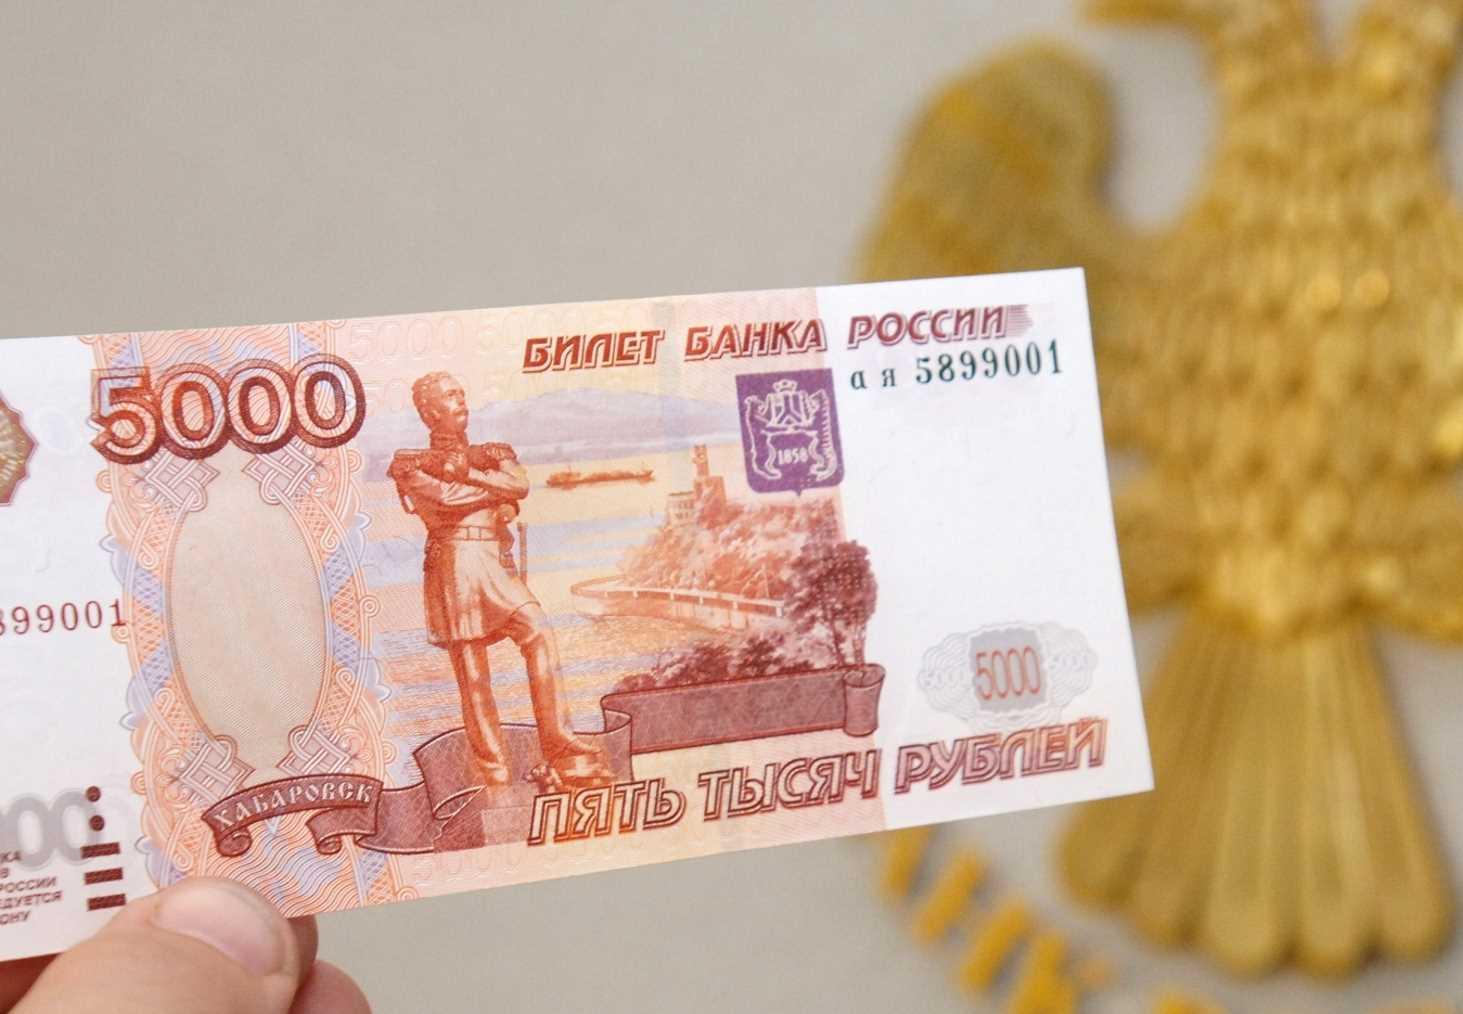 s-1-sentyabrya-klassnye-rukovoditeli-budut-poluchat-nadbavku-5-tysyach-rublej